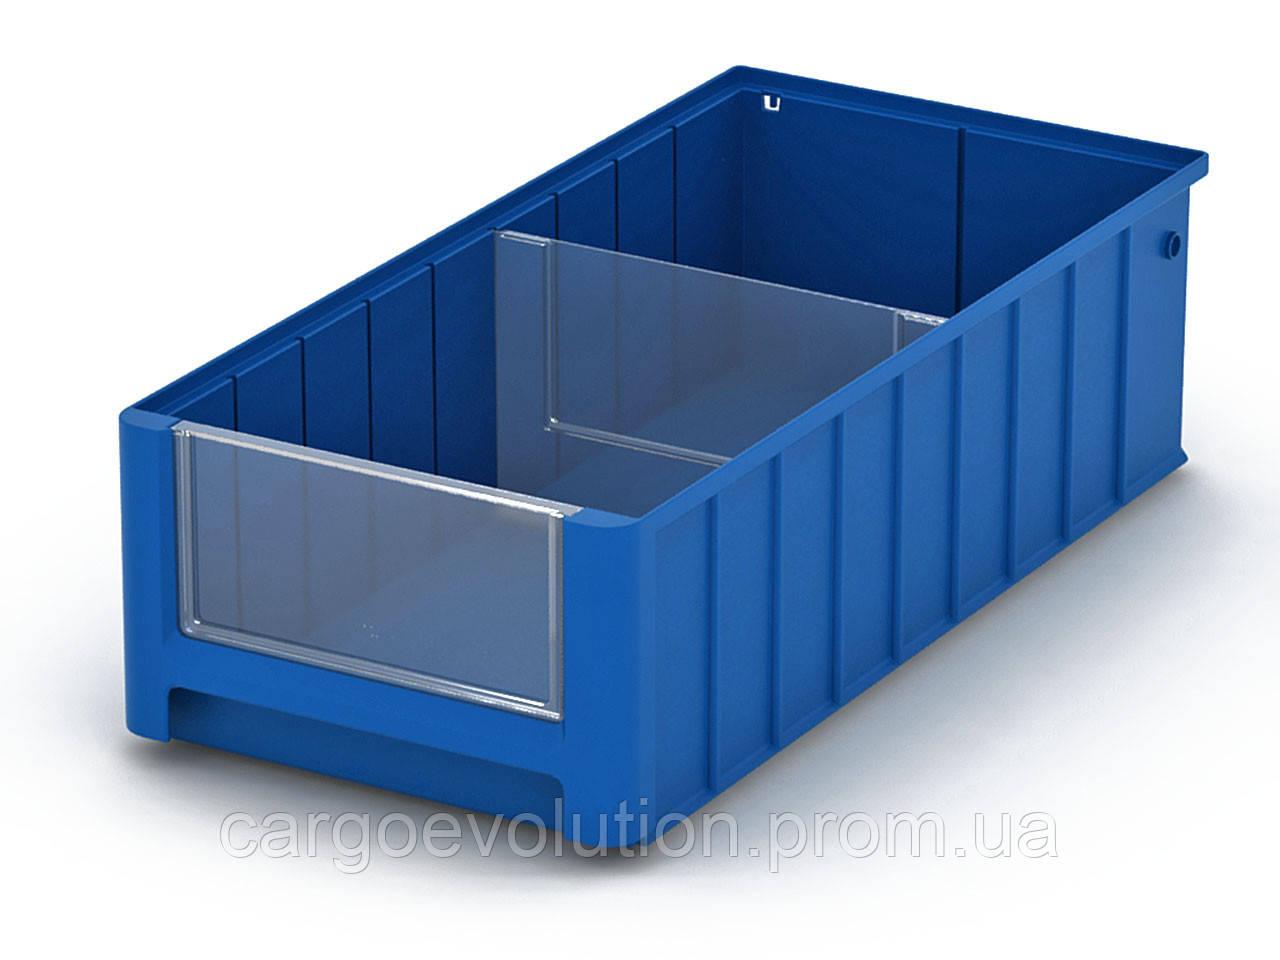 Полочный пластиковый контейнер SK 500x234x140